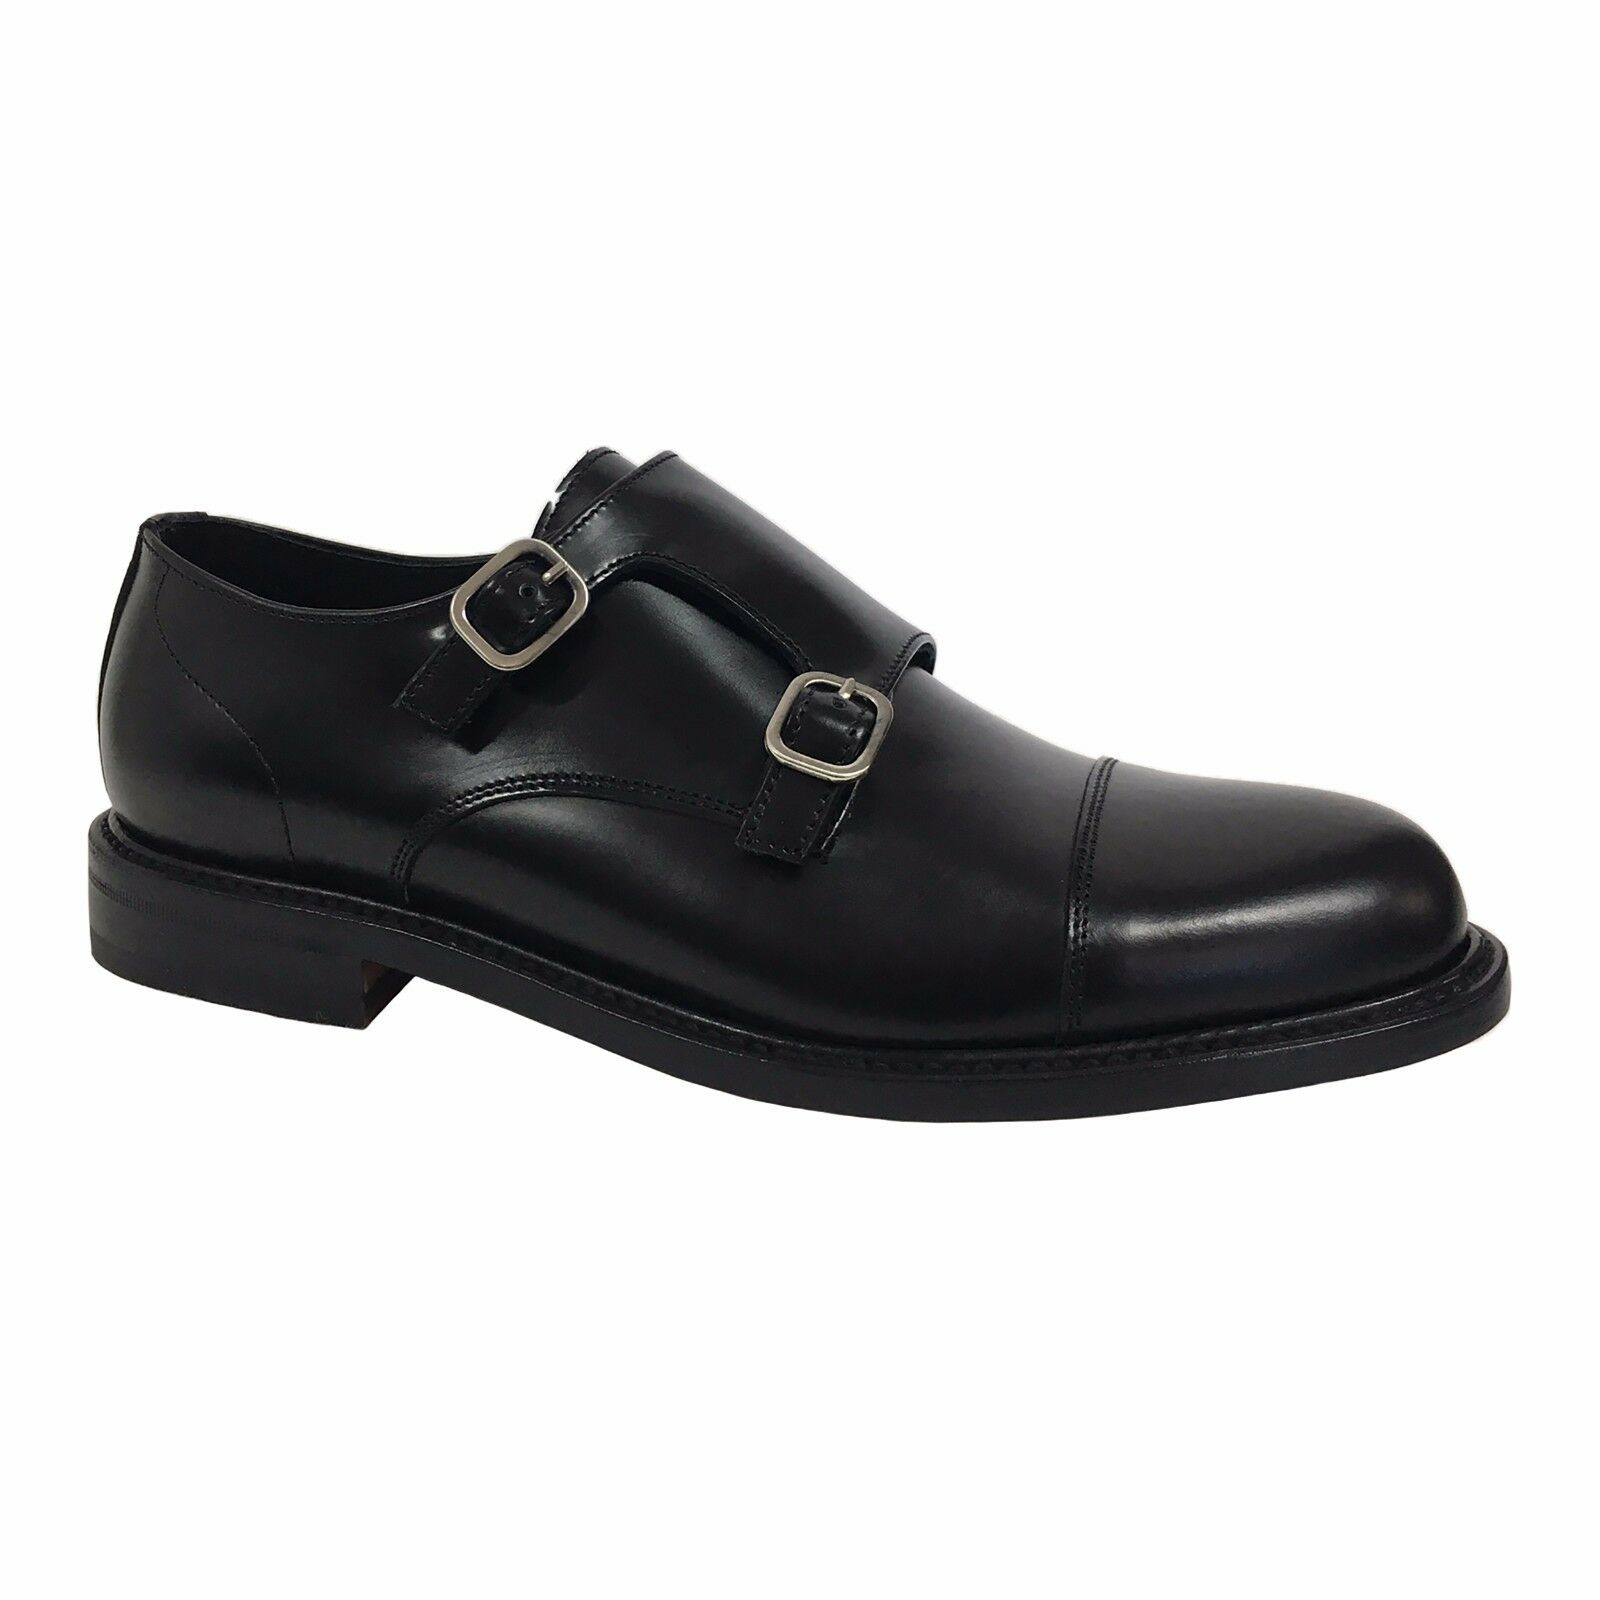 BERWICK 1707 Herren Schuhe schwarz mod 4386 H0192 100% Leder in Spanien gemacht